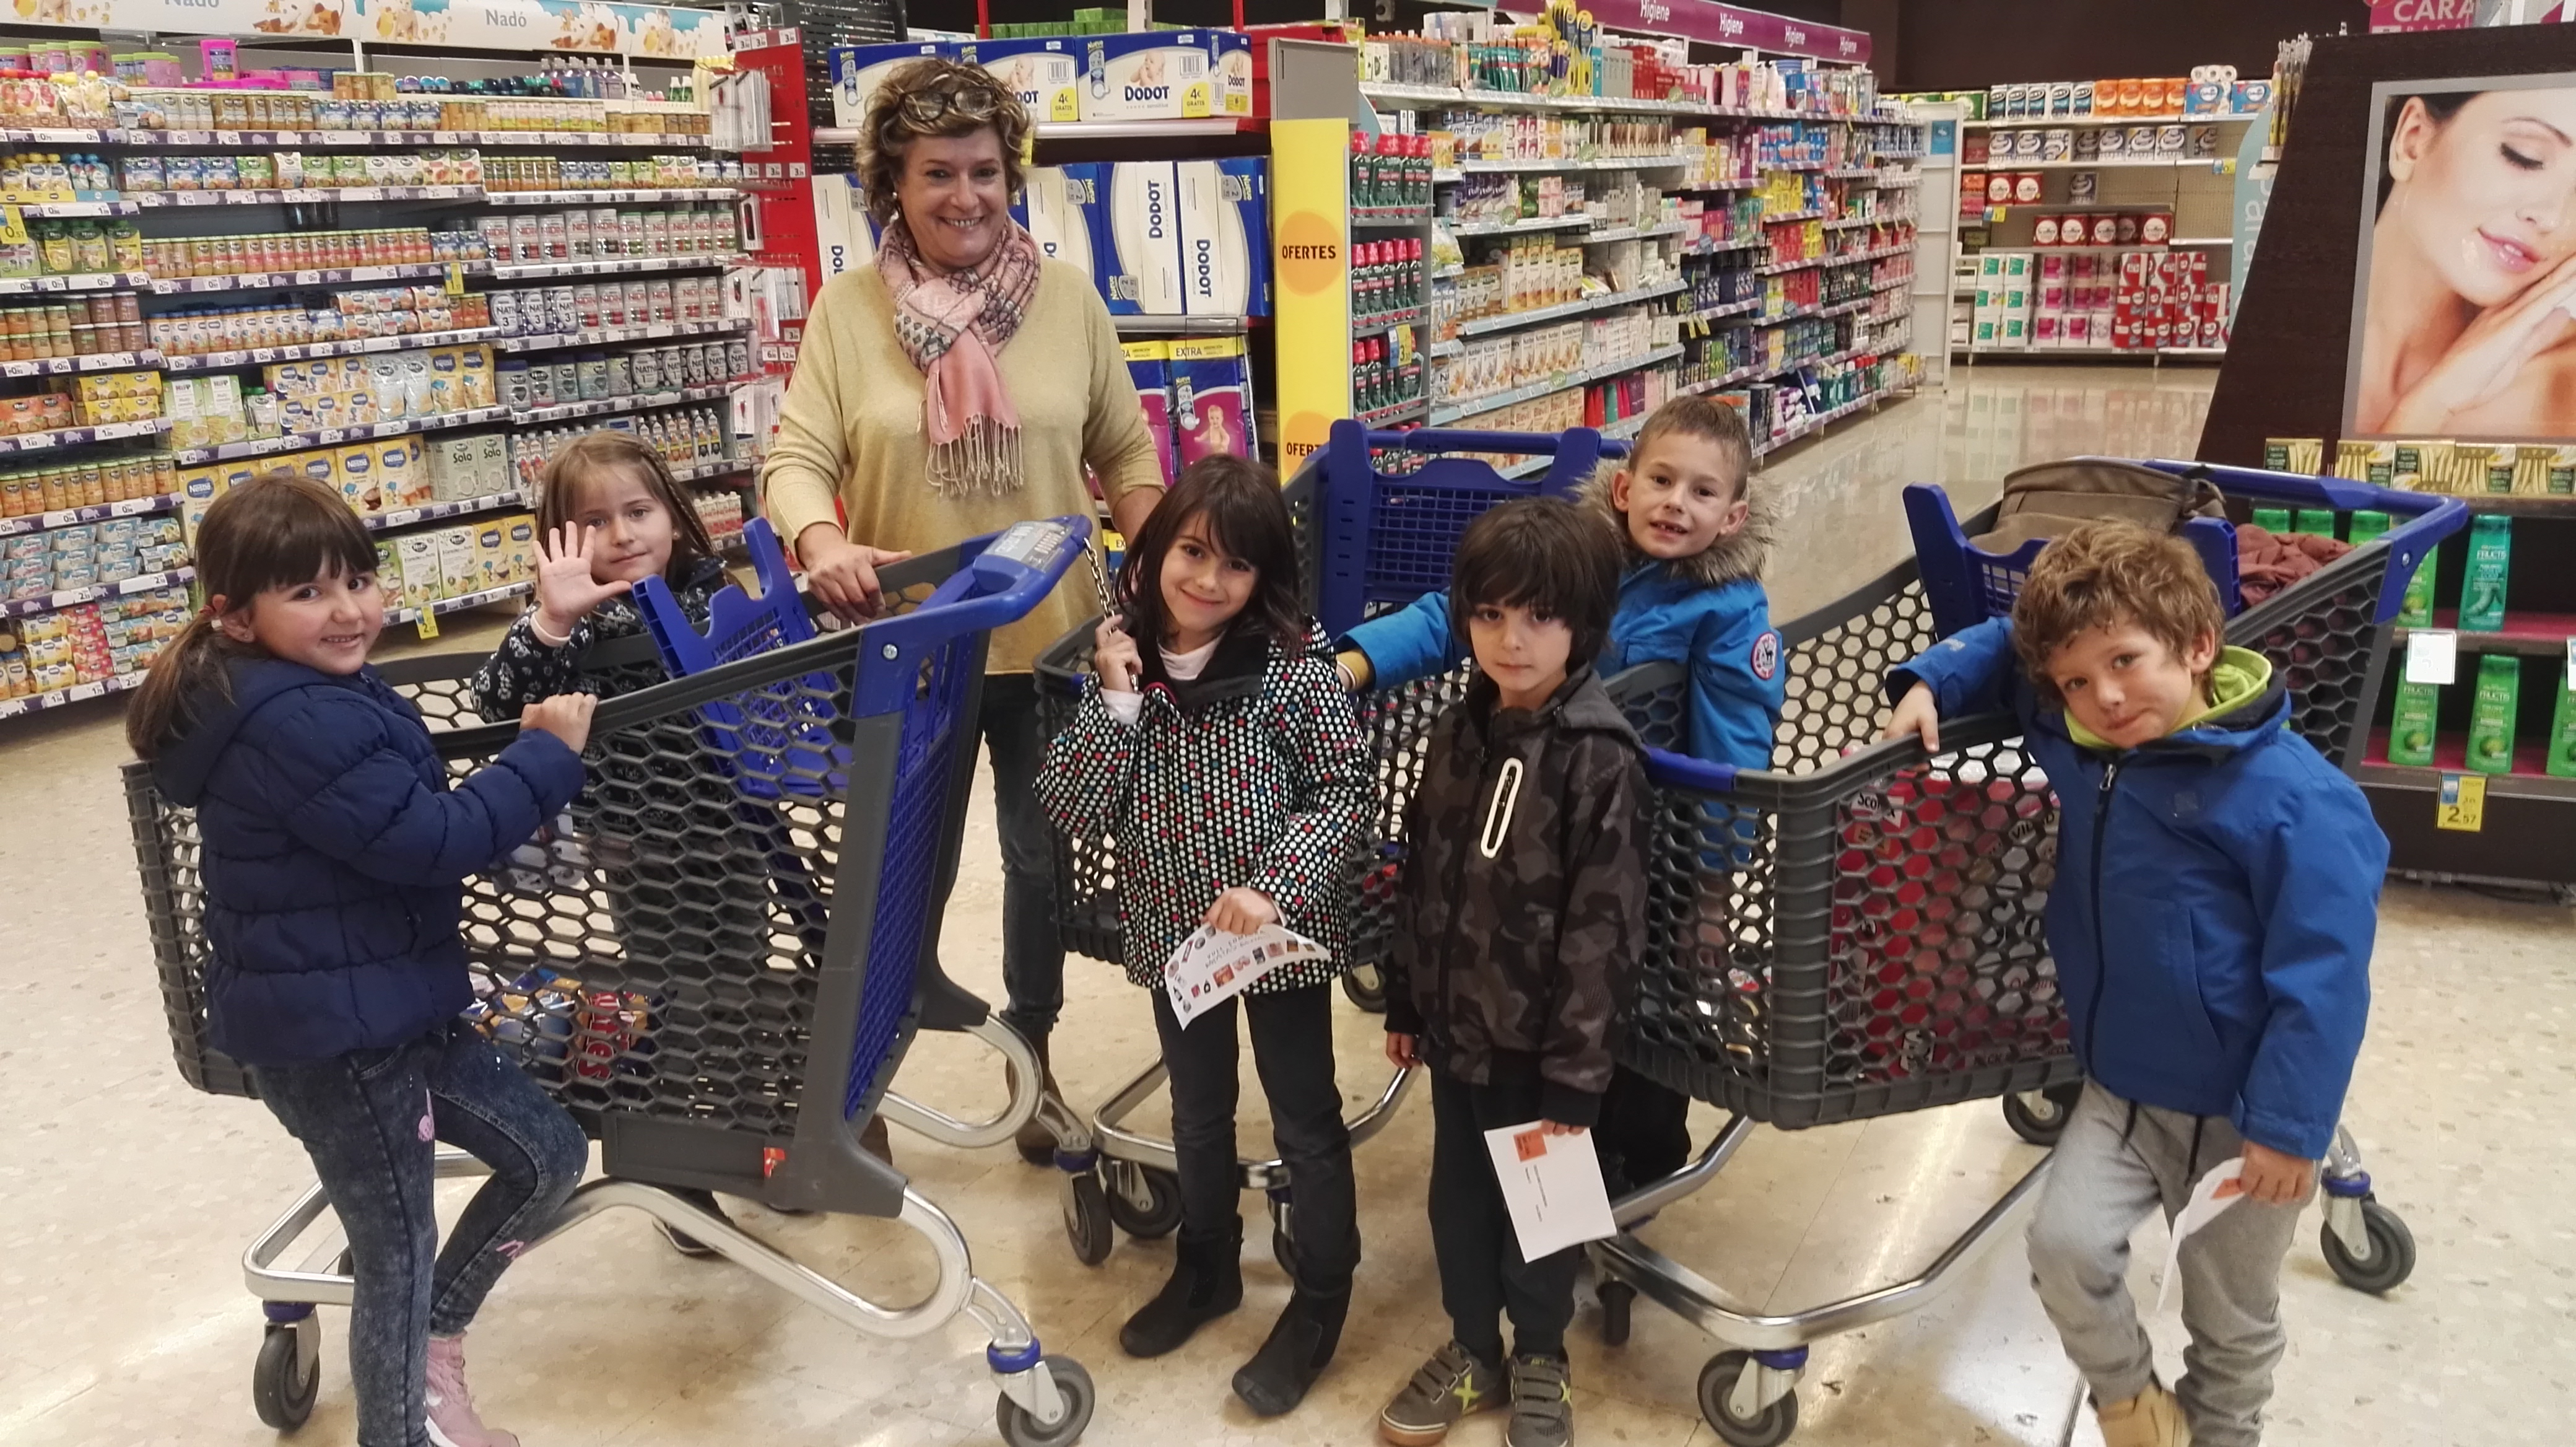 Les Balenes anem a fer la compra al supermercat